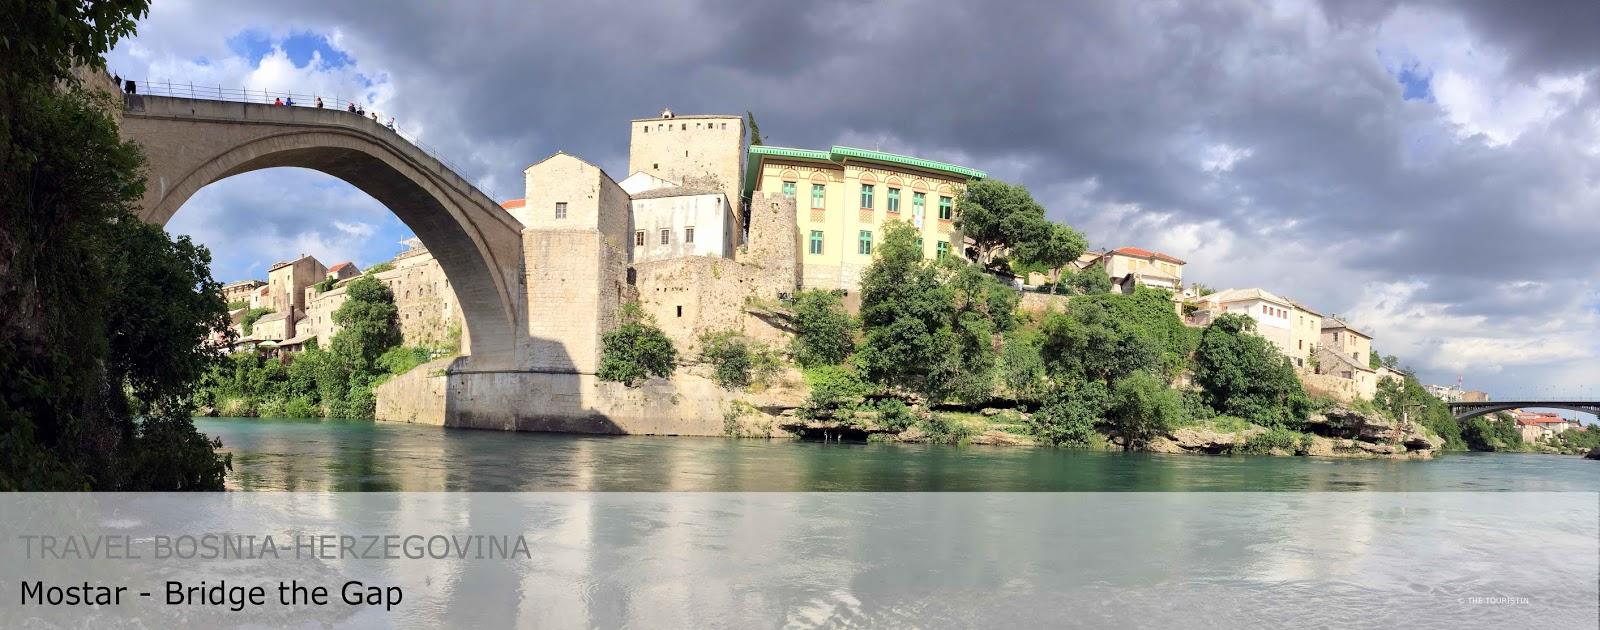 Model Hooker in Mostar